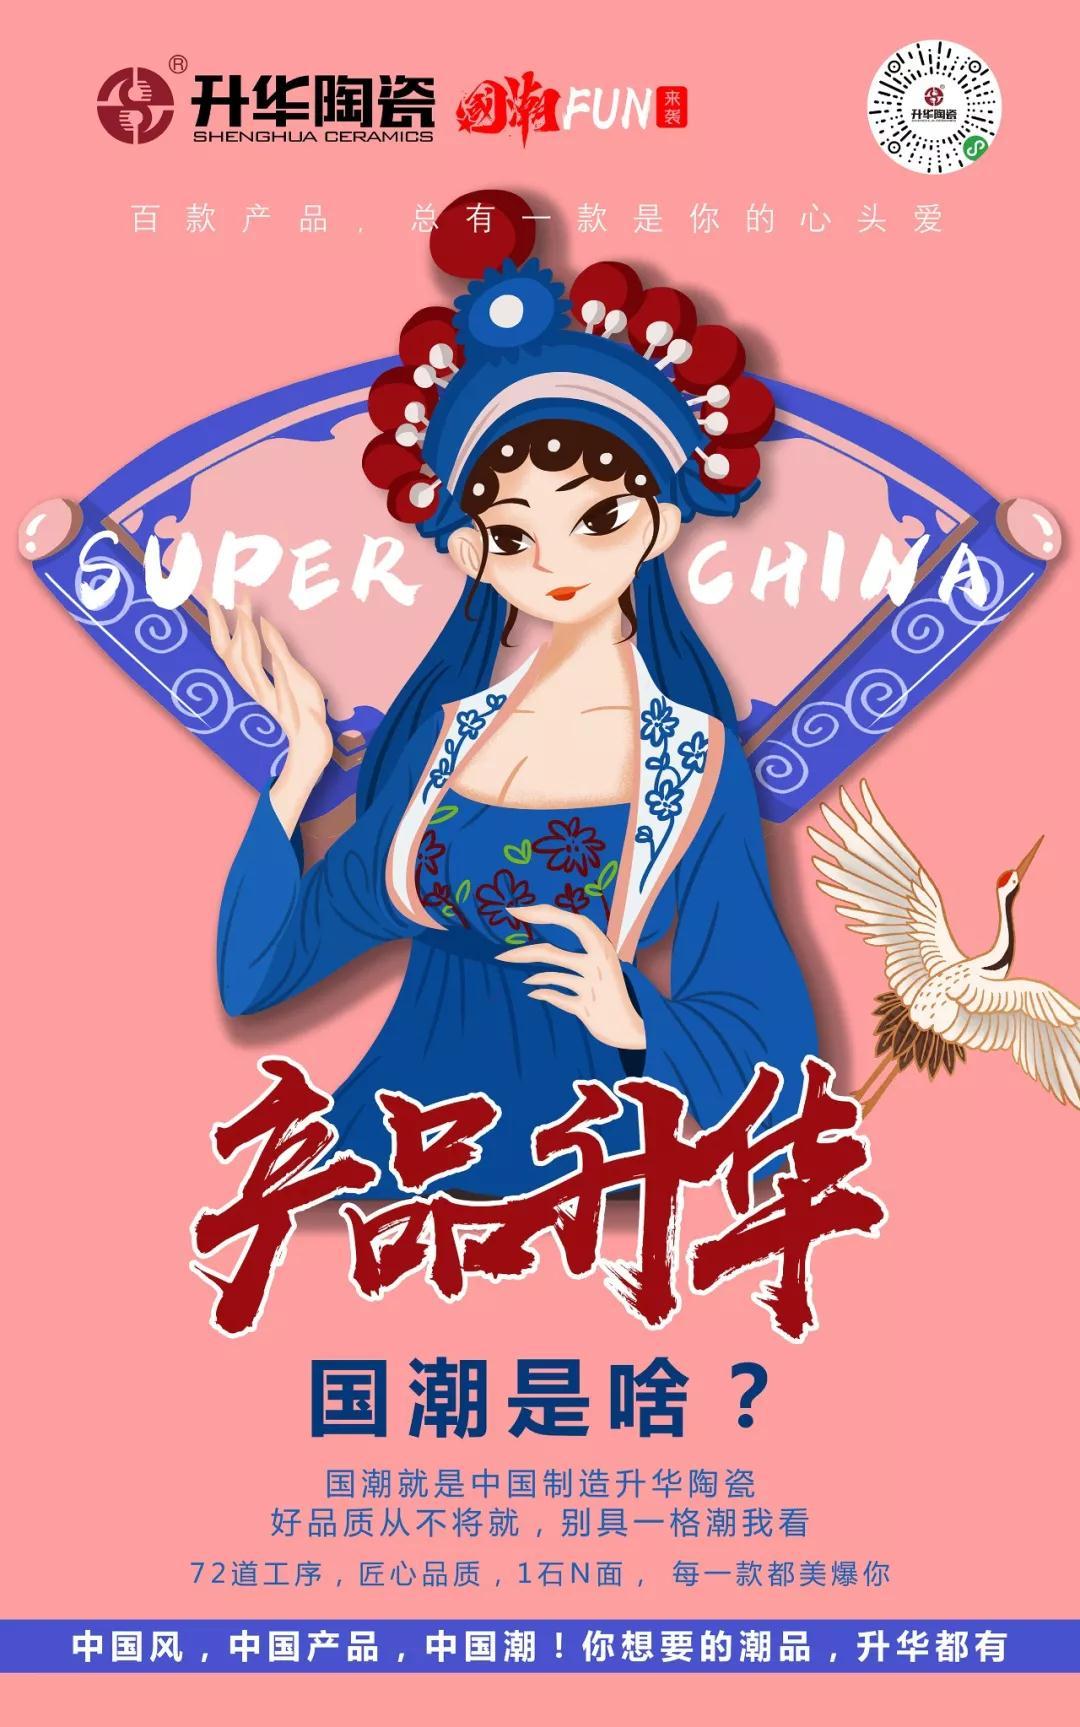 产品365bet官网 | 广东制造,中国风,中国产品,中国潮!